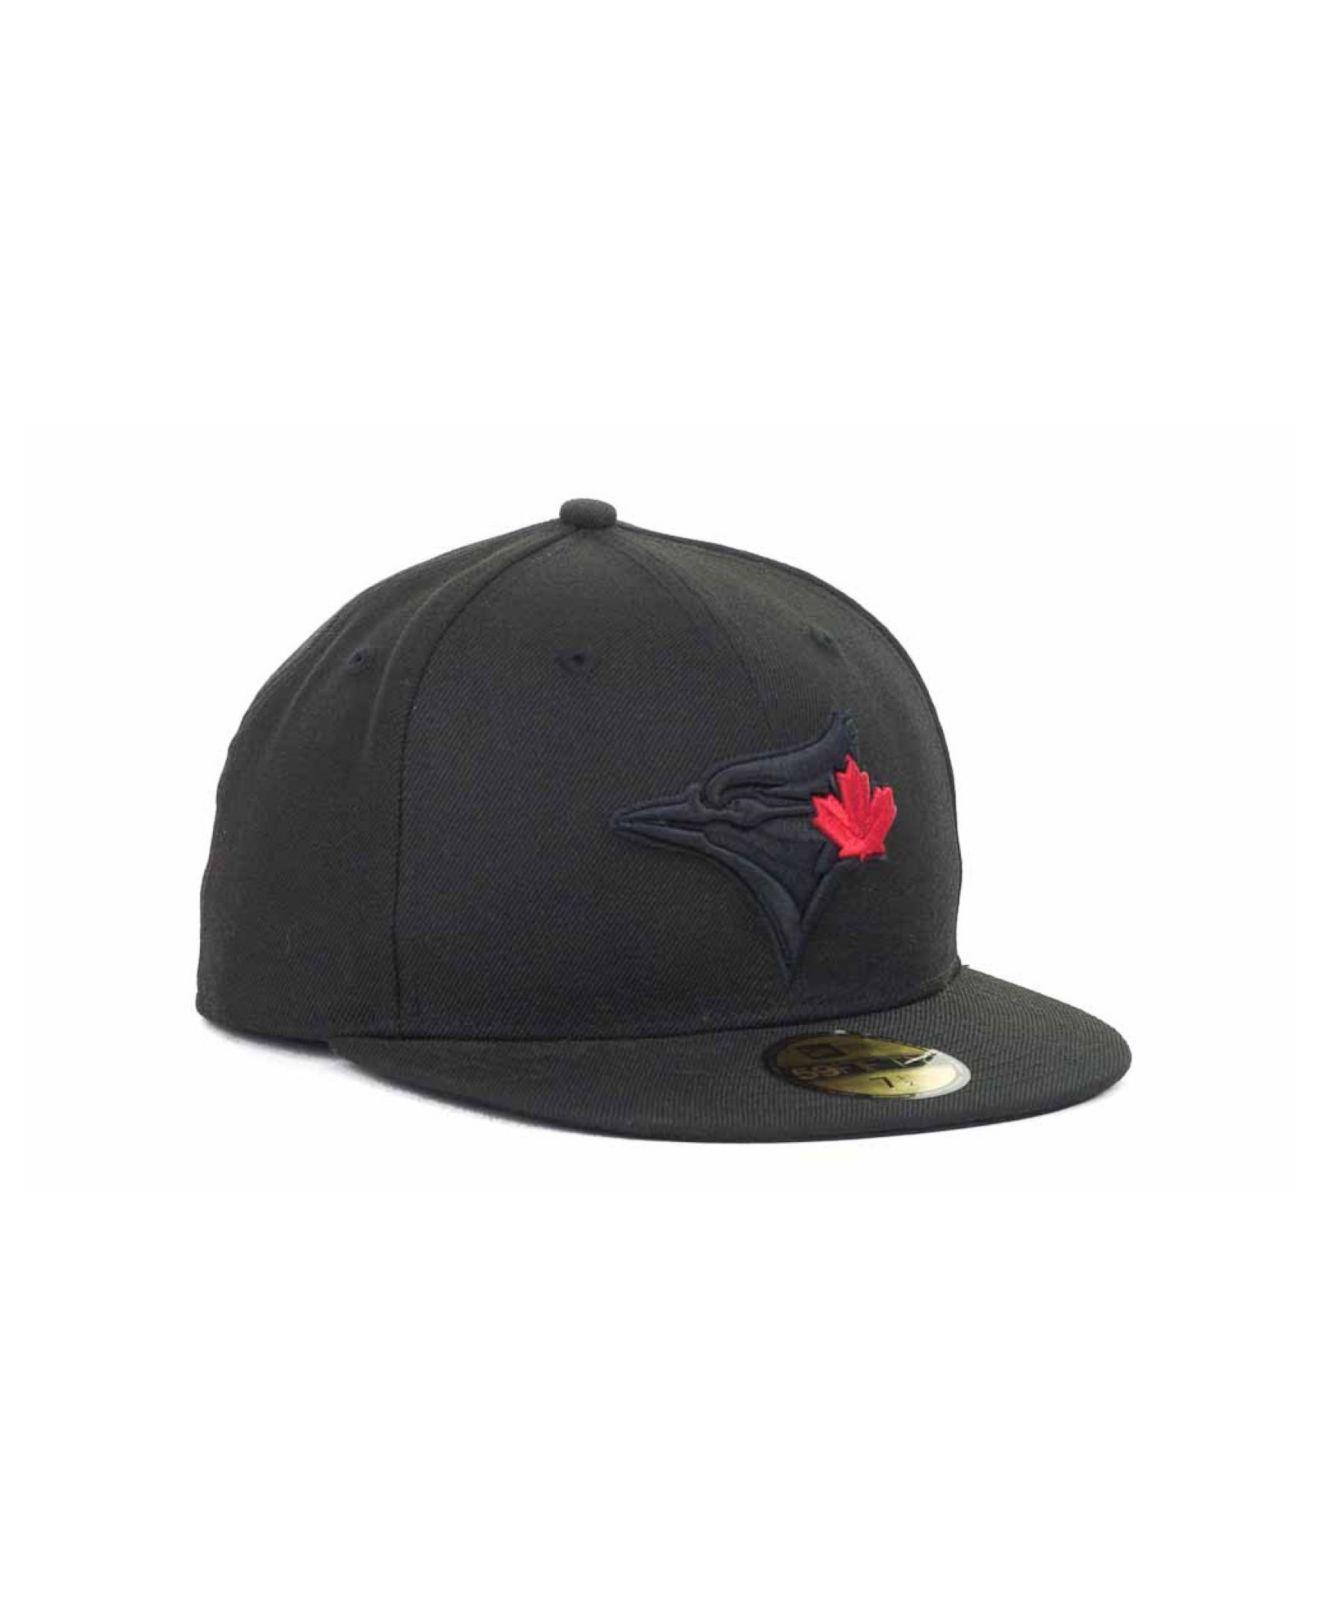 Lyst Ktz Toronto Blue Jays Mlb Black On Black Fashion